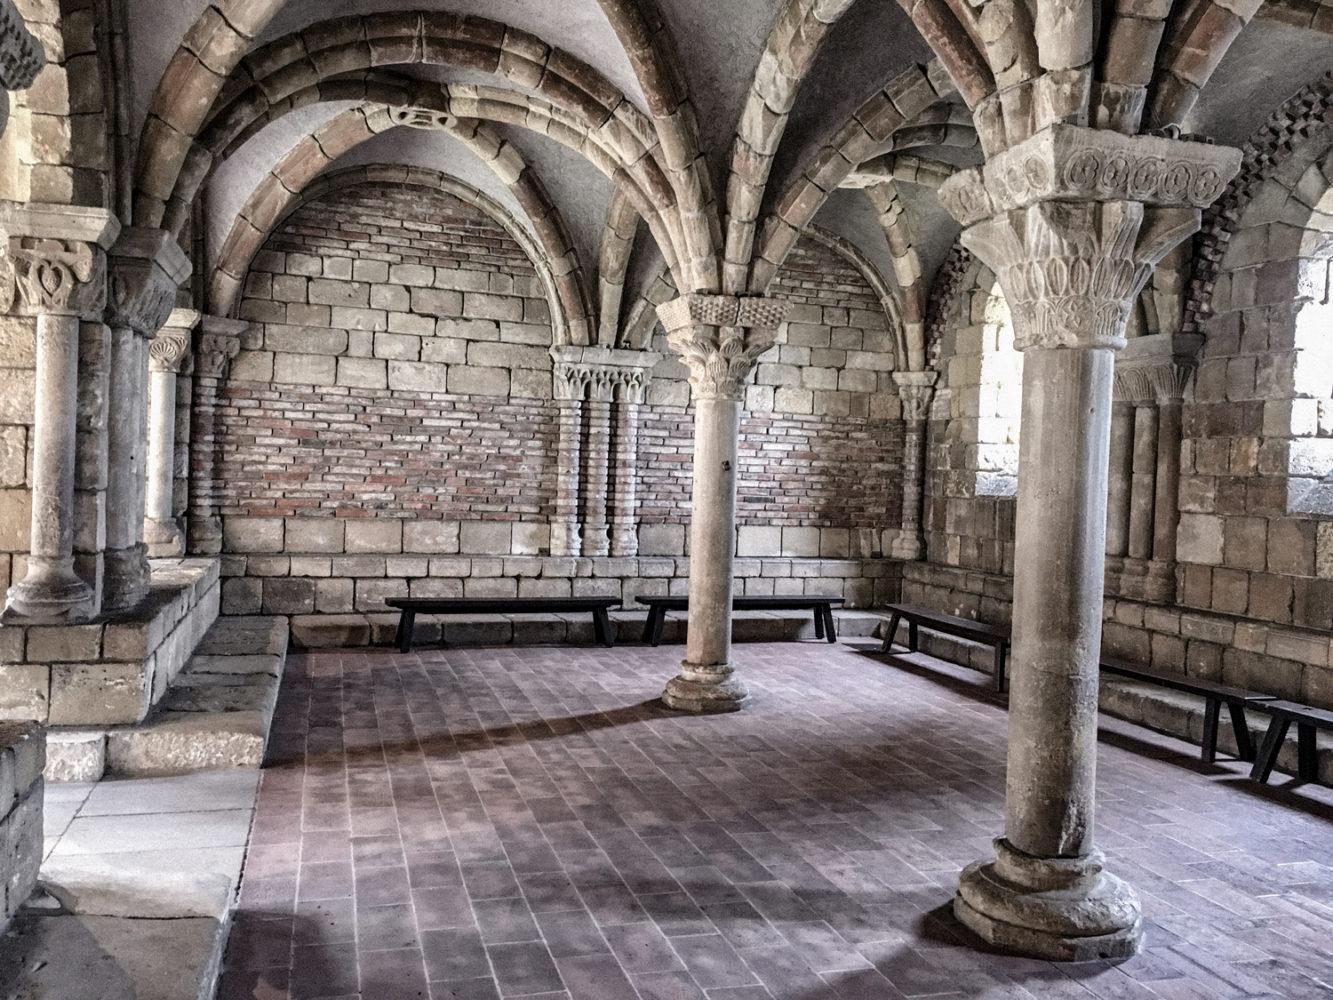 Sale de repos afin d'admirer les magnifiques voûtes du monastère